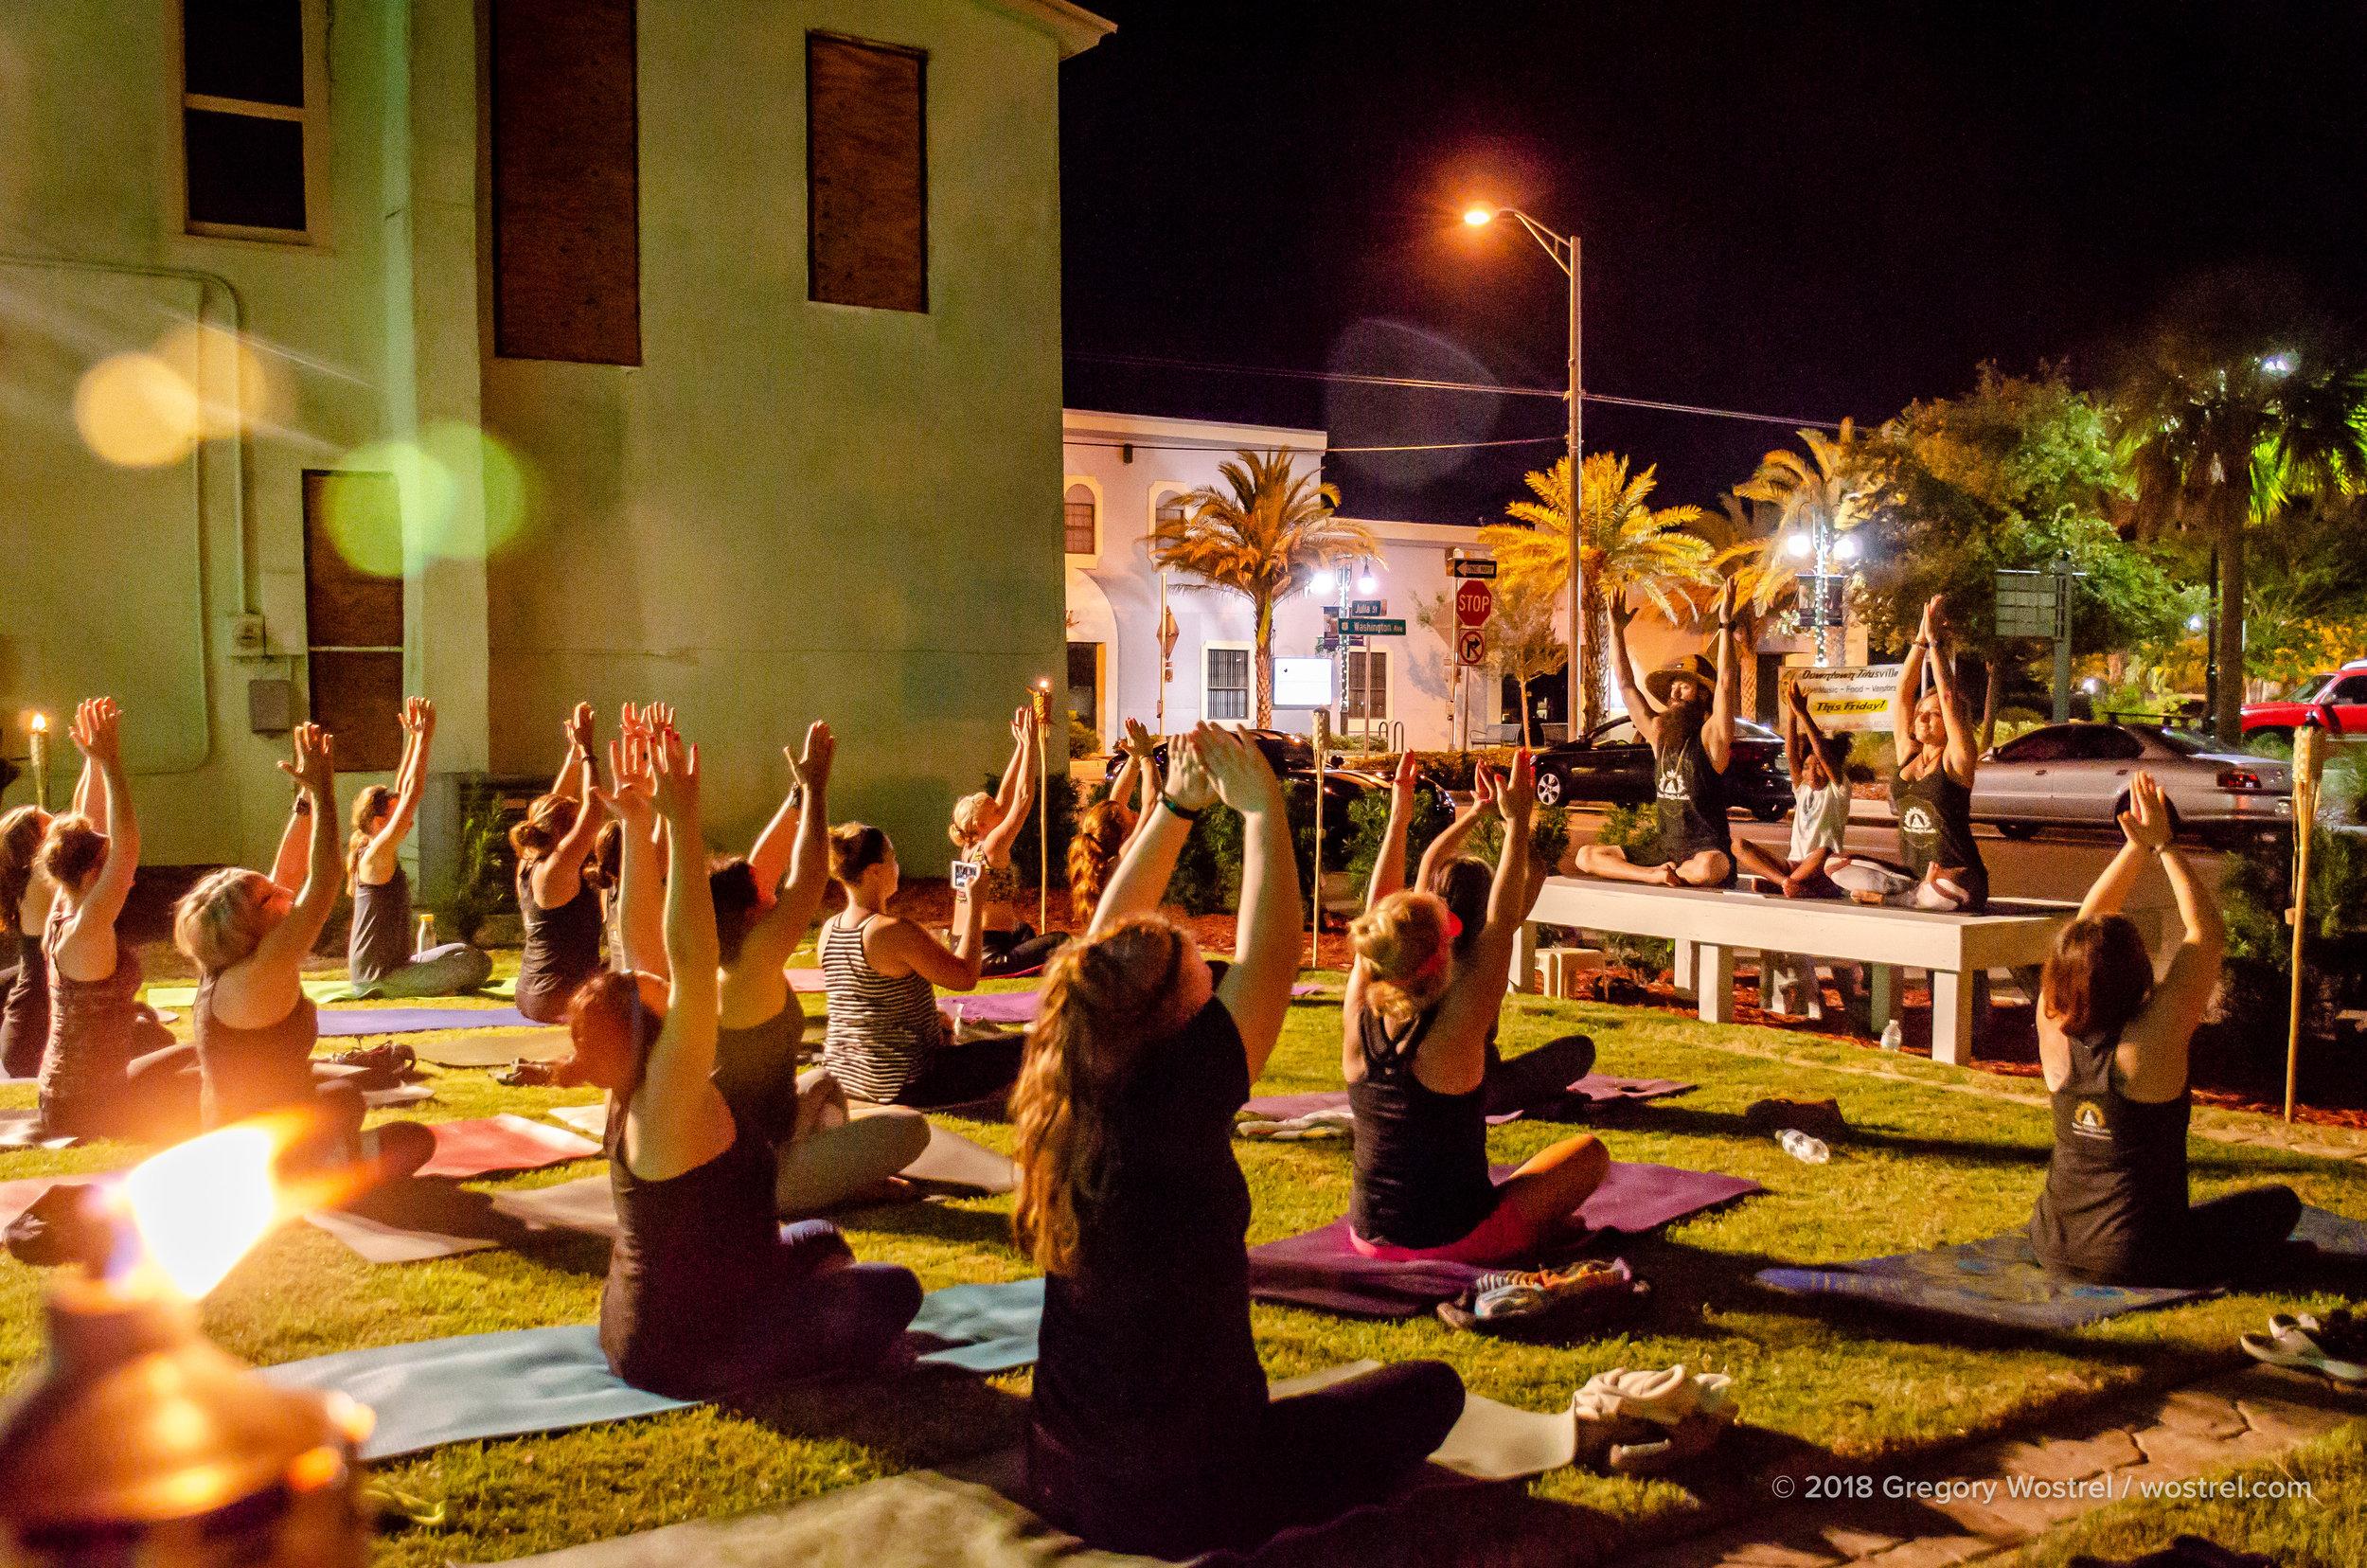 The Titusville Yoga Loft  - Titusville Yoga Loft Community Garden 11.jpg